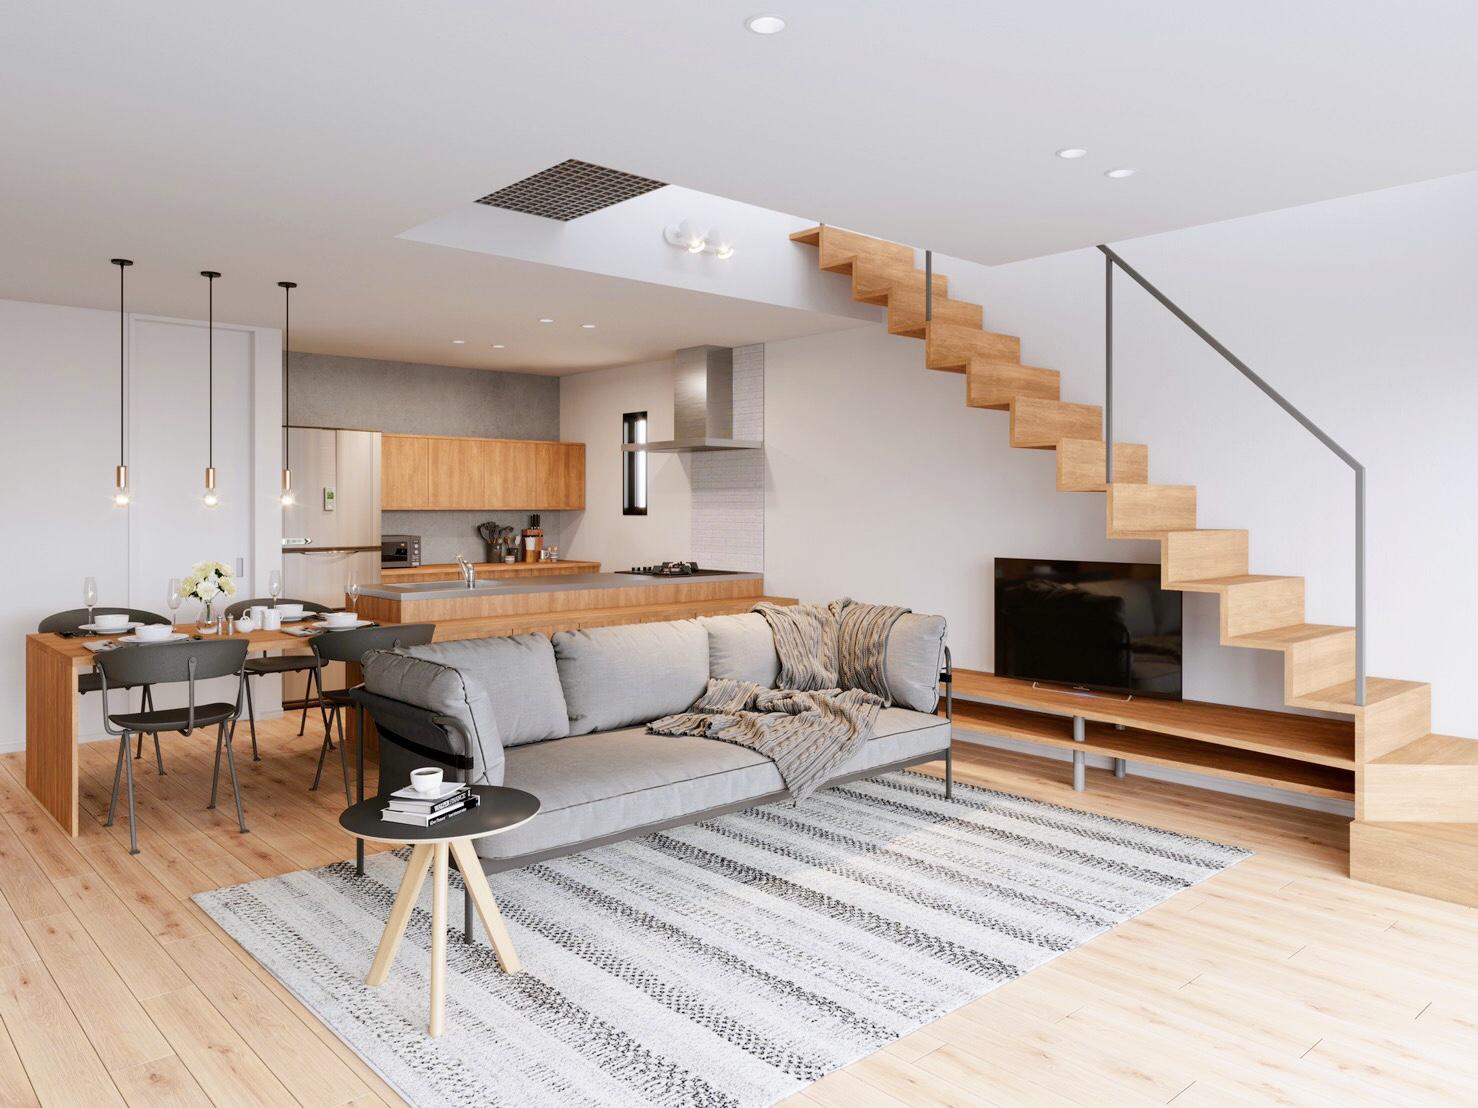 9月に行われる北名古屋市で着工中の当社の女性建築士の自邸 オープンハウスの告知